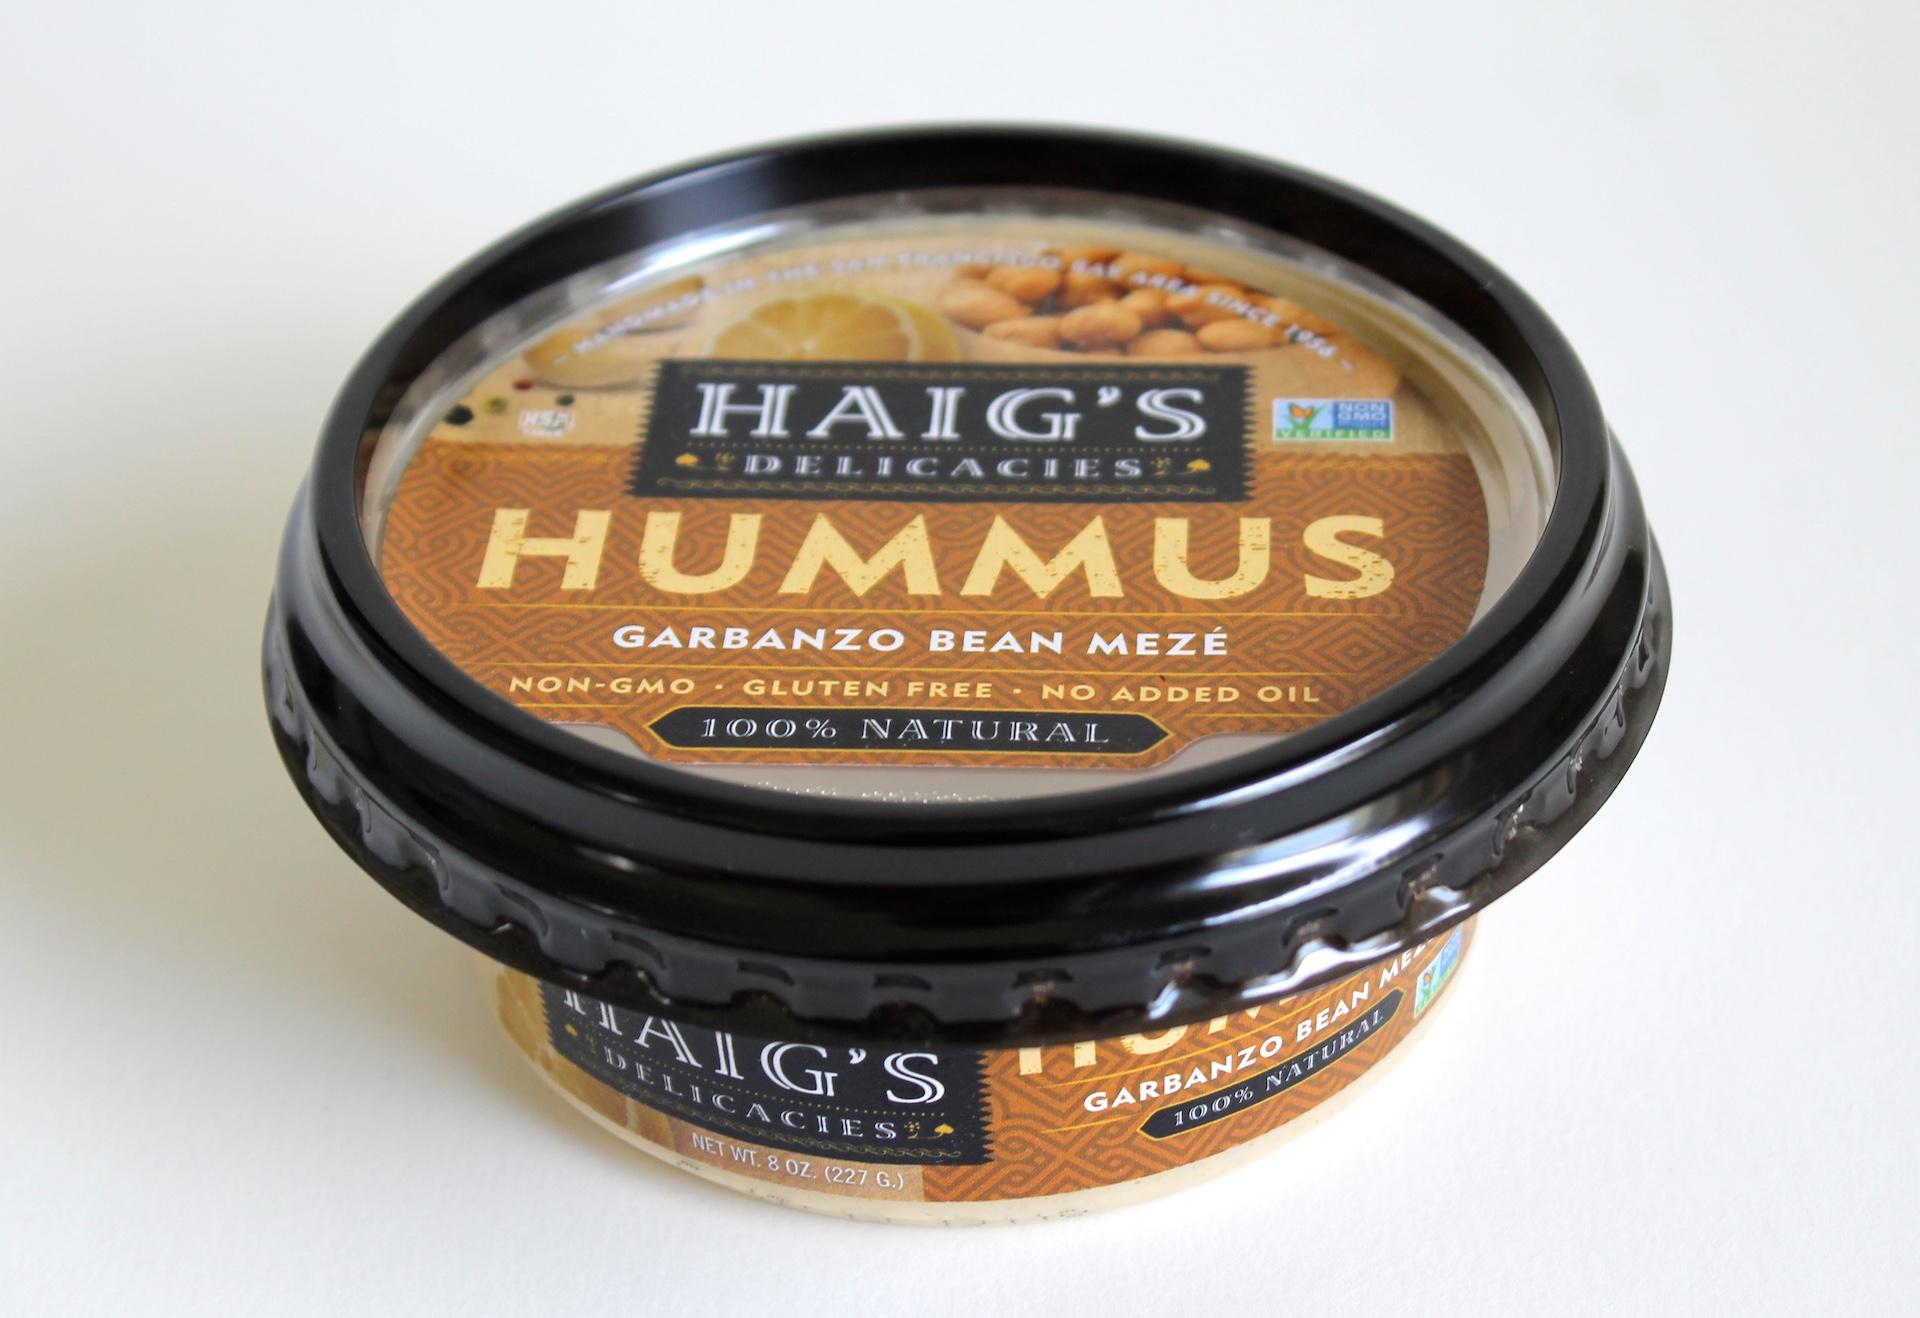 Haig's Hummus Garbanzo Bean Meze